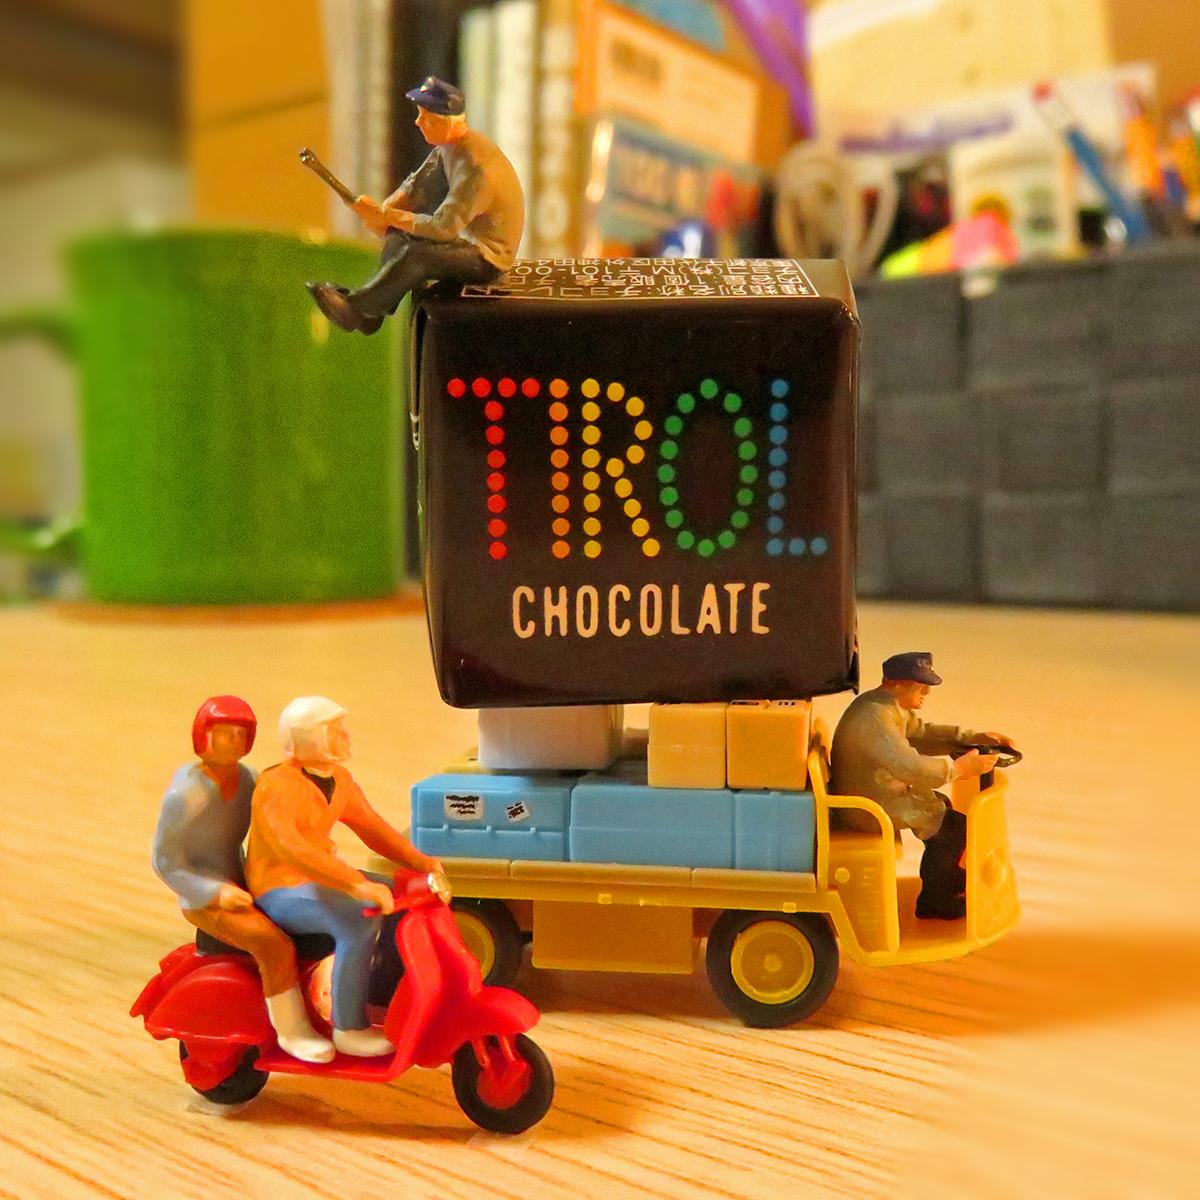 バレンタインデー前日!チロルチョコを運ぶ作業員と2人乗りバイク